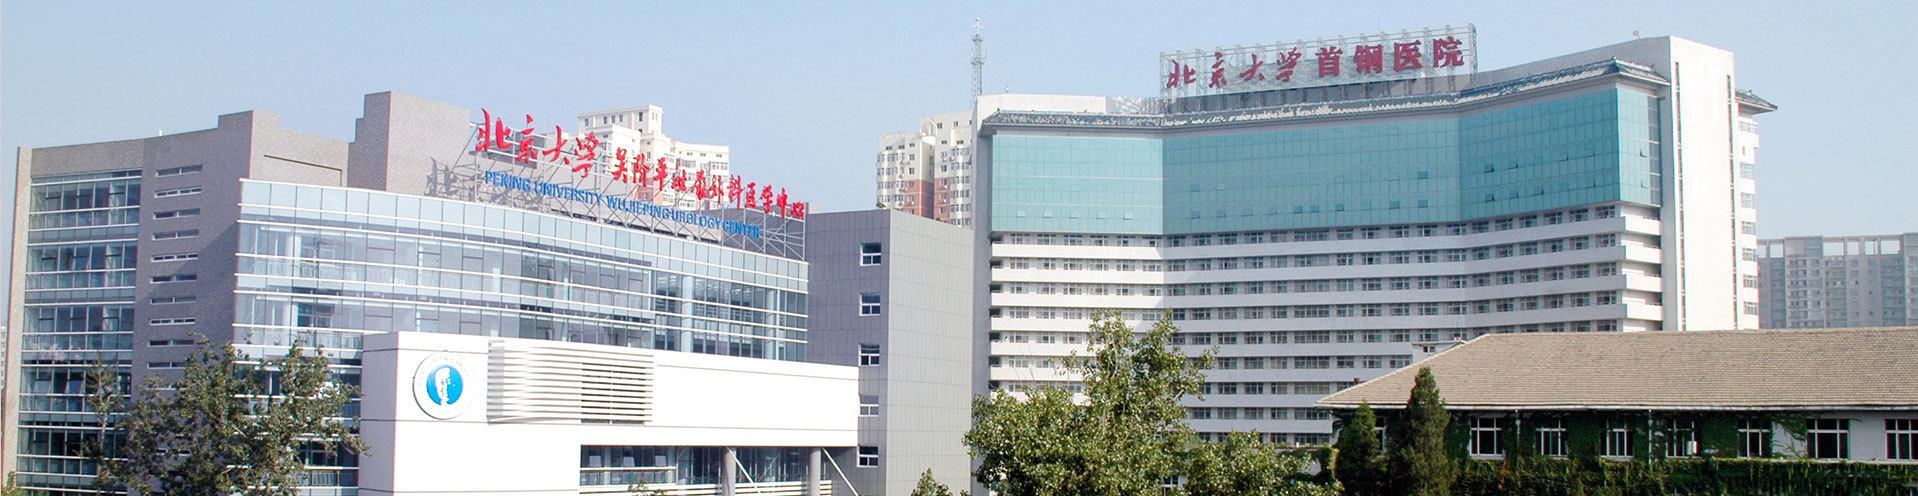 北京大学首钢医院.jpg